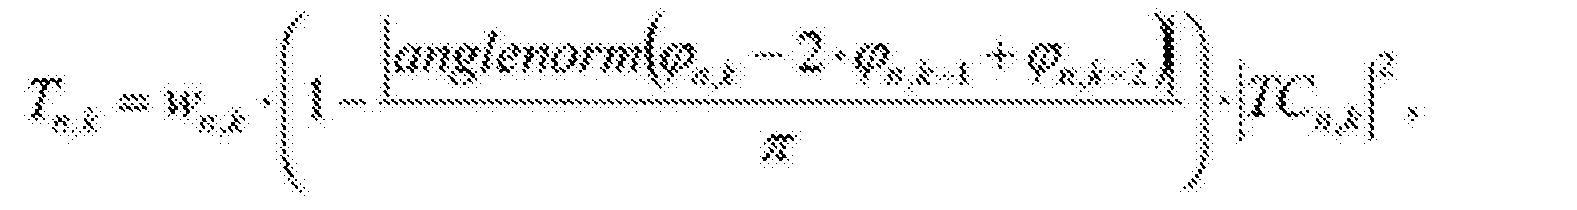 Figure CN104541327BD00162